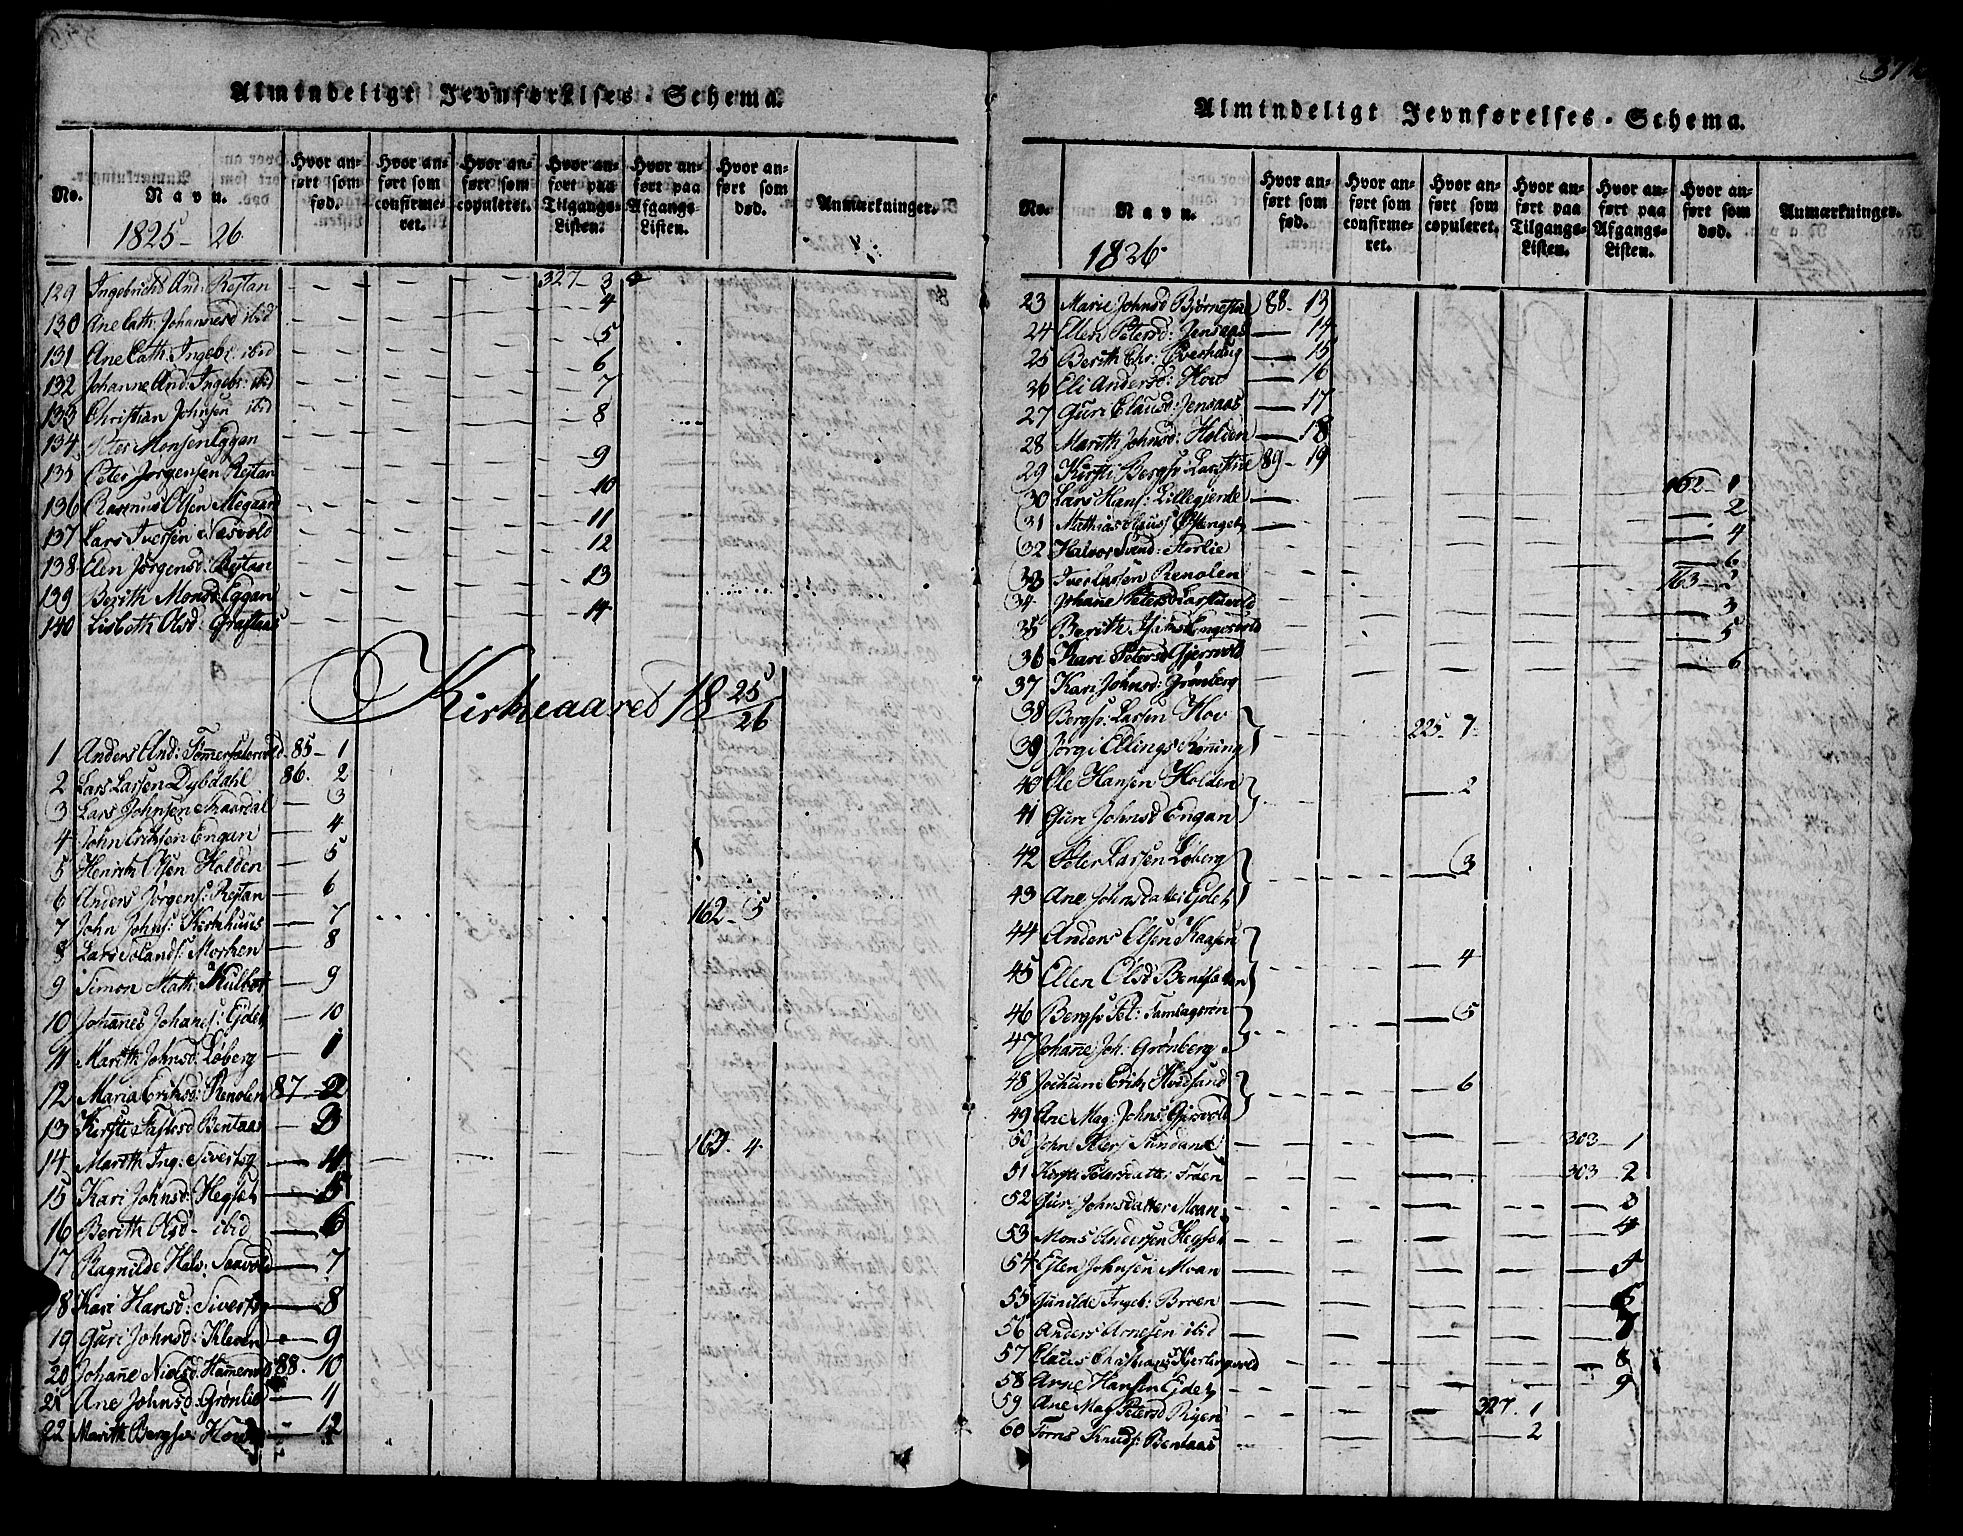 SAT, Ministerialprotokoller, klokkerbøker og fødselsregistre - Sør-Trøndelag, 685/L0956: Ministerialbok nr. 685A03 /3, 1817-1829, s. 376